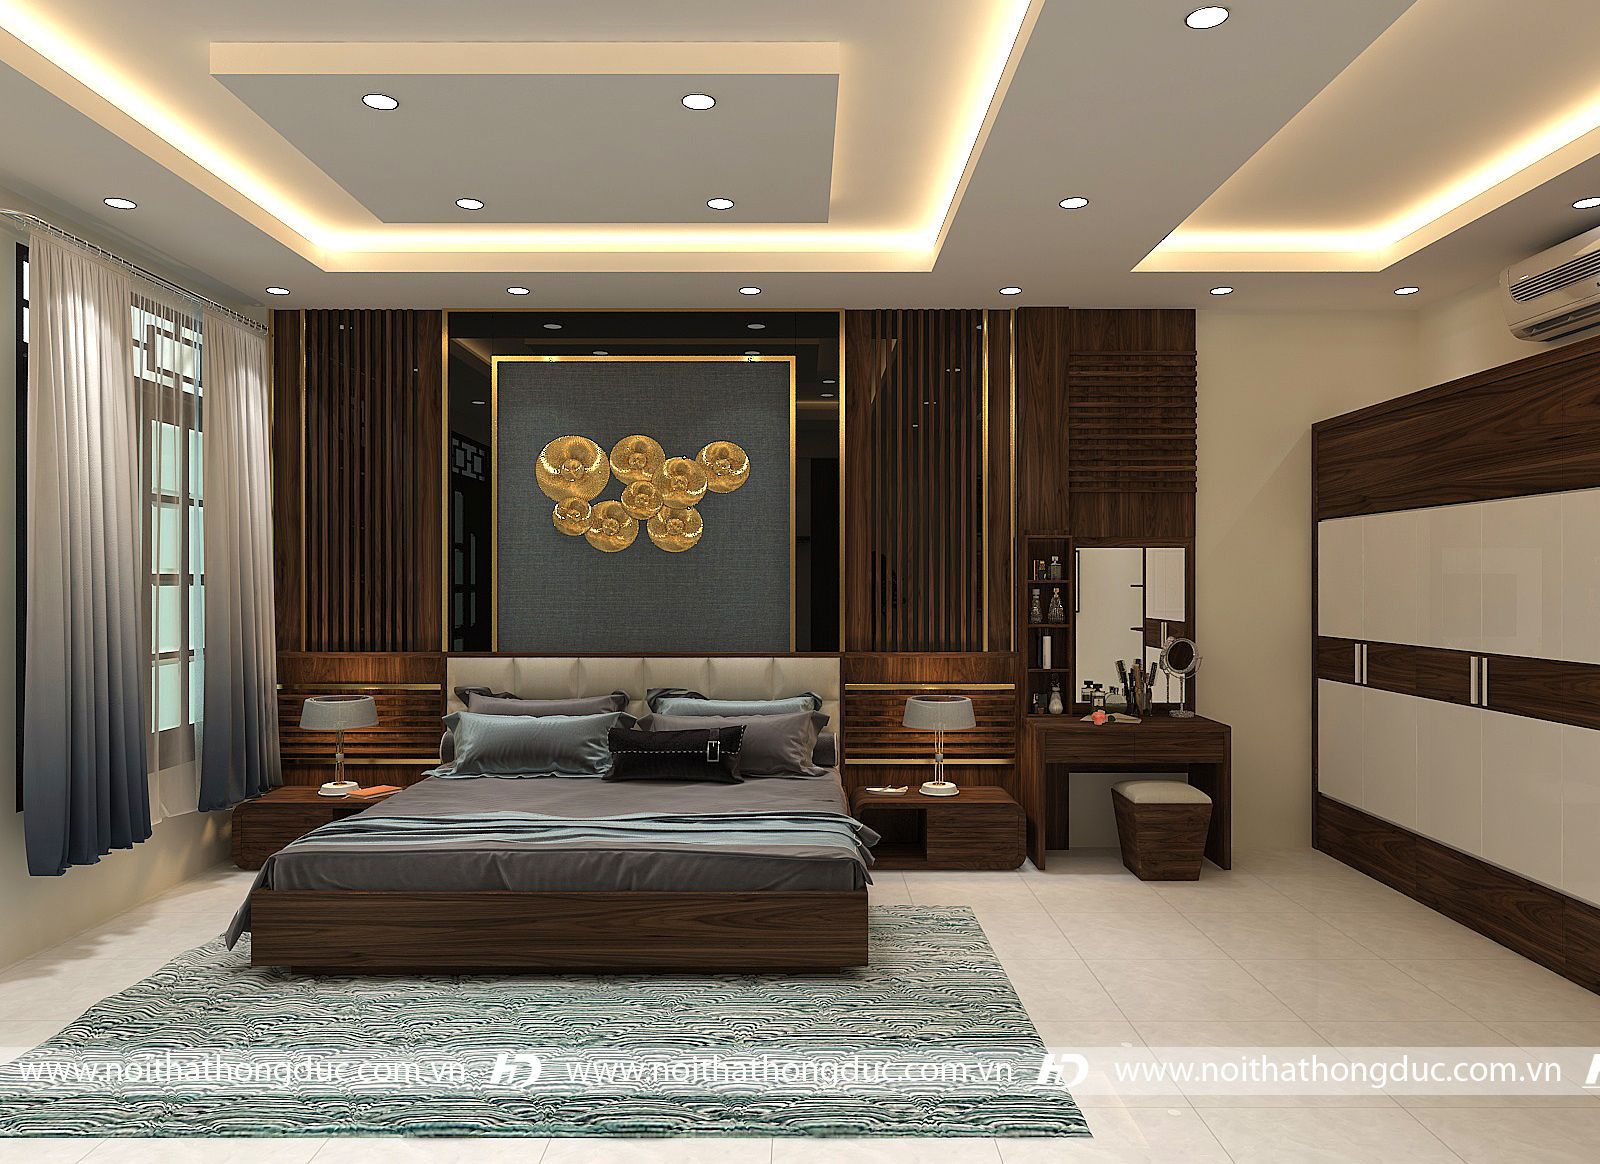 Thiết kế thi công nội thất biệt thự 13